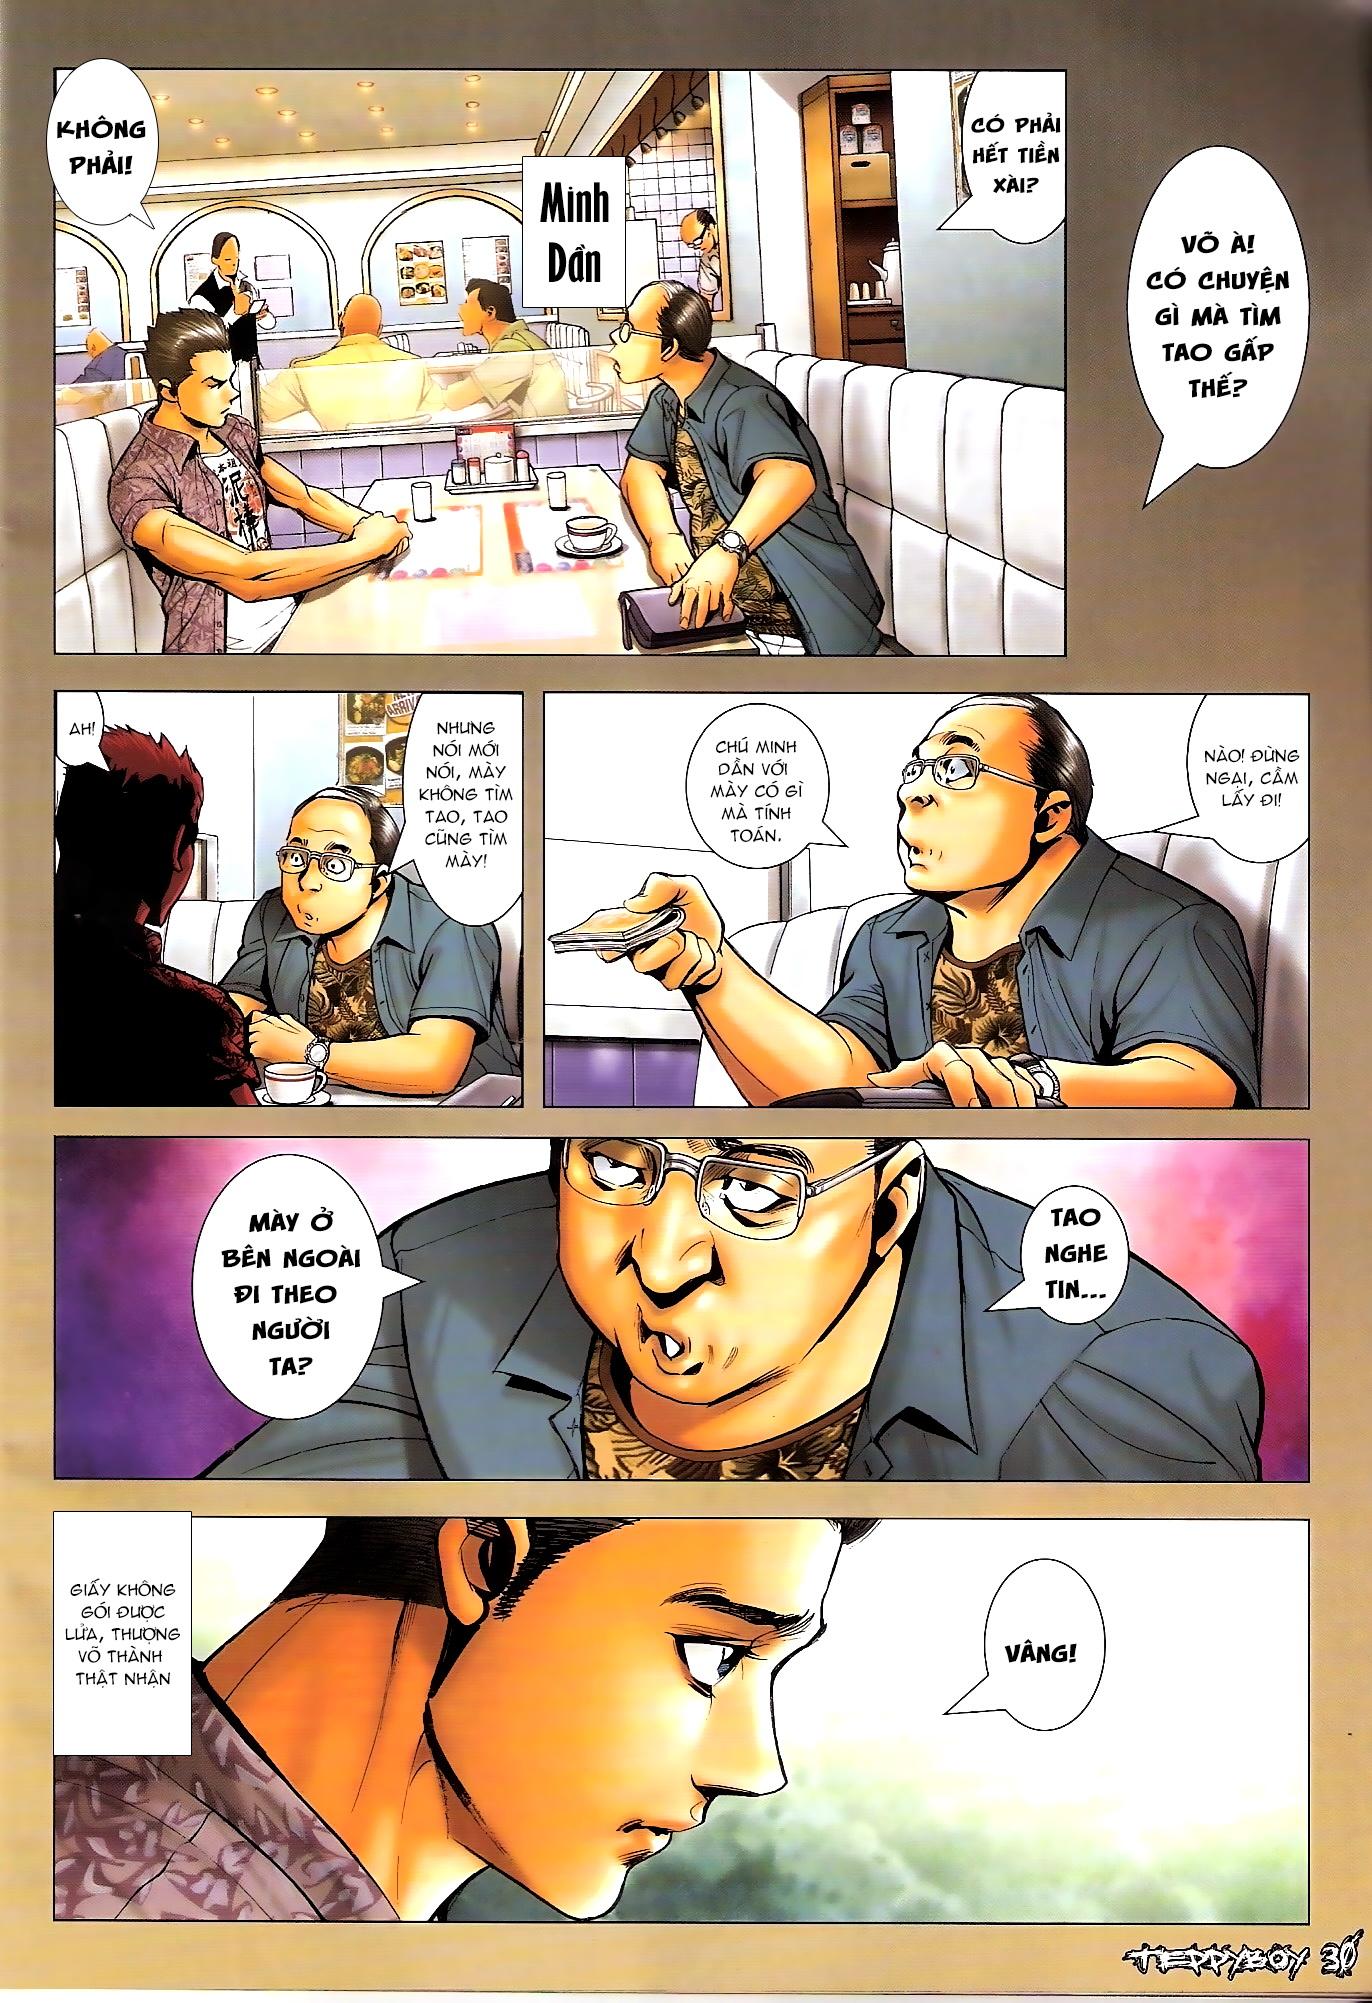 Người Trong Giang Hồ - Chapter 1301: Họ gì tên gì 2 - Pic 26